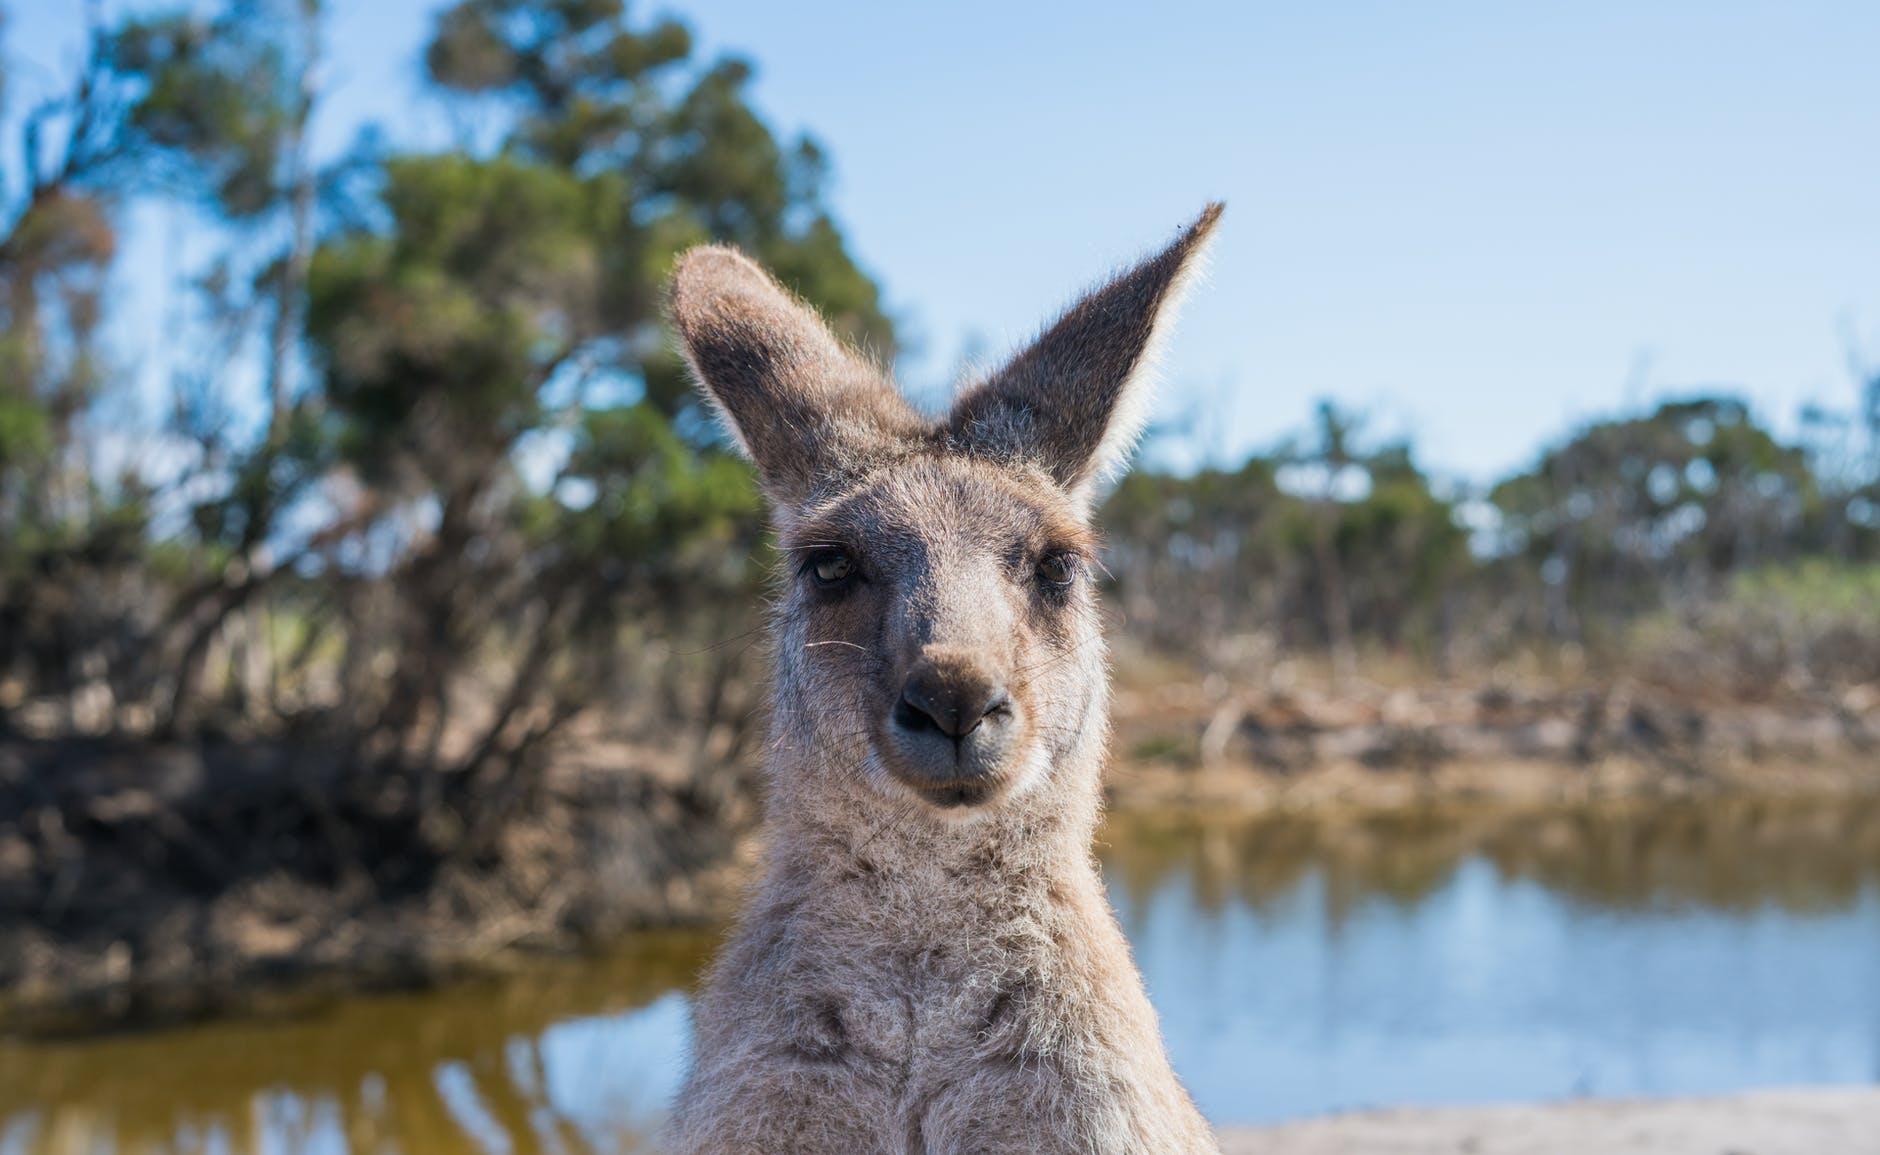 shallow focus photo of kangaroo